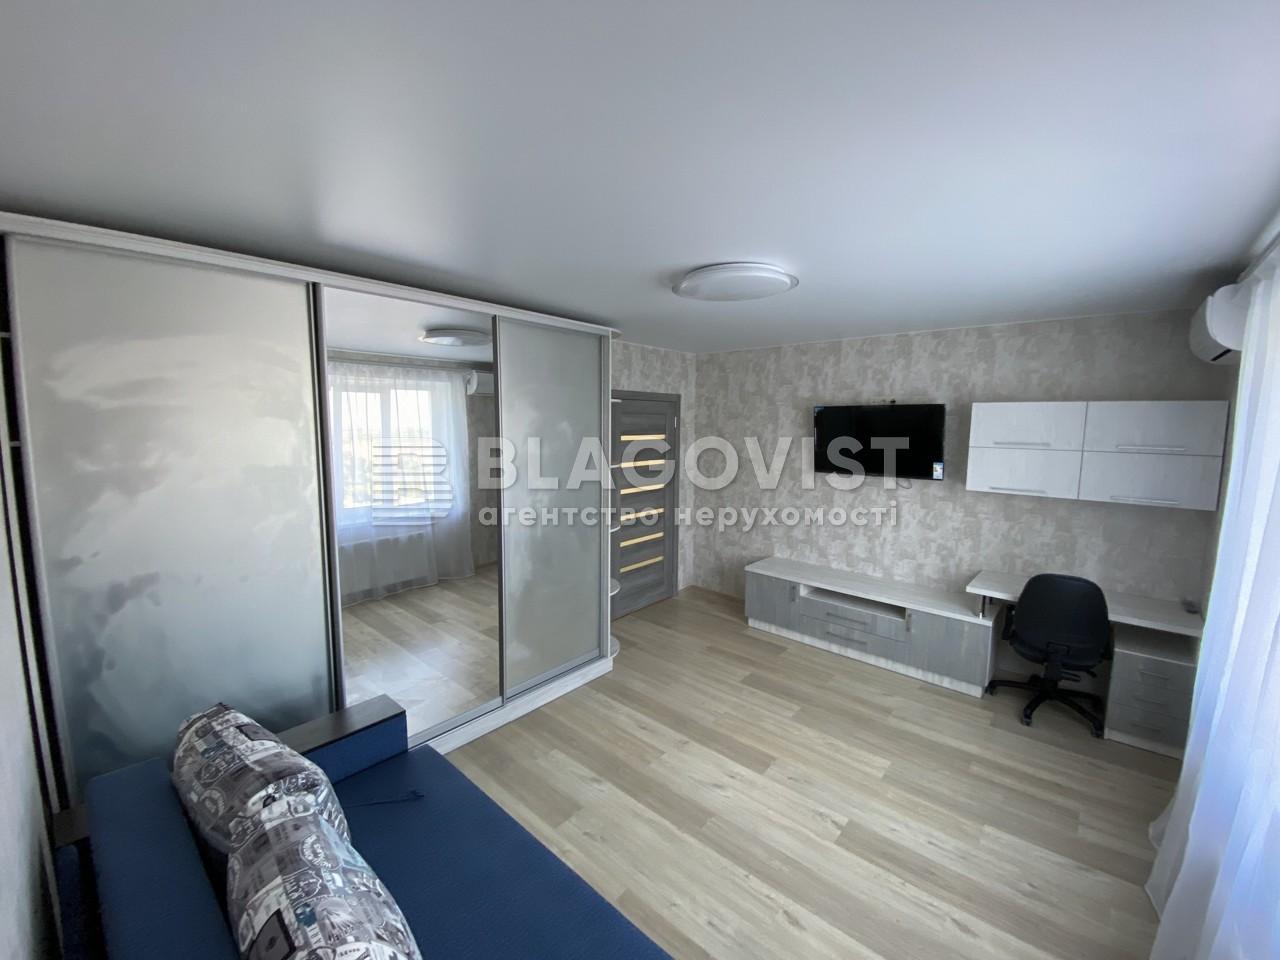 Квартира R-34951, Пригородная, 26б, Новоселки (Киево-Святошинский) - Фото 5